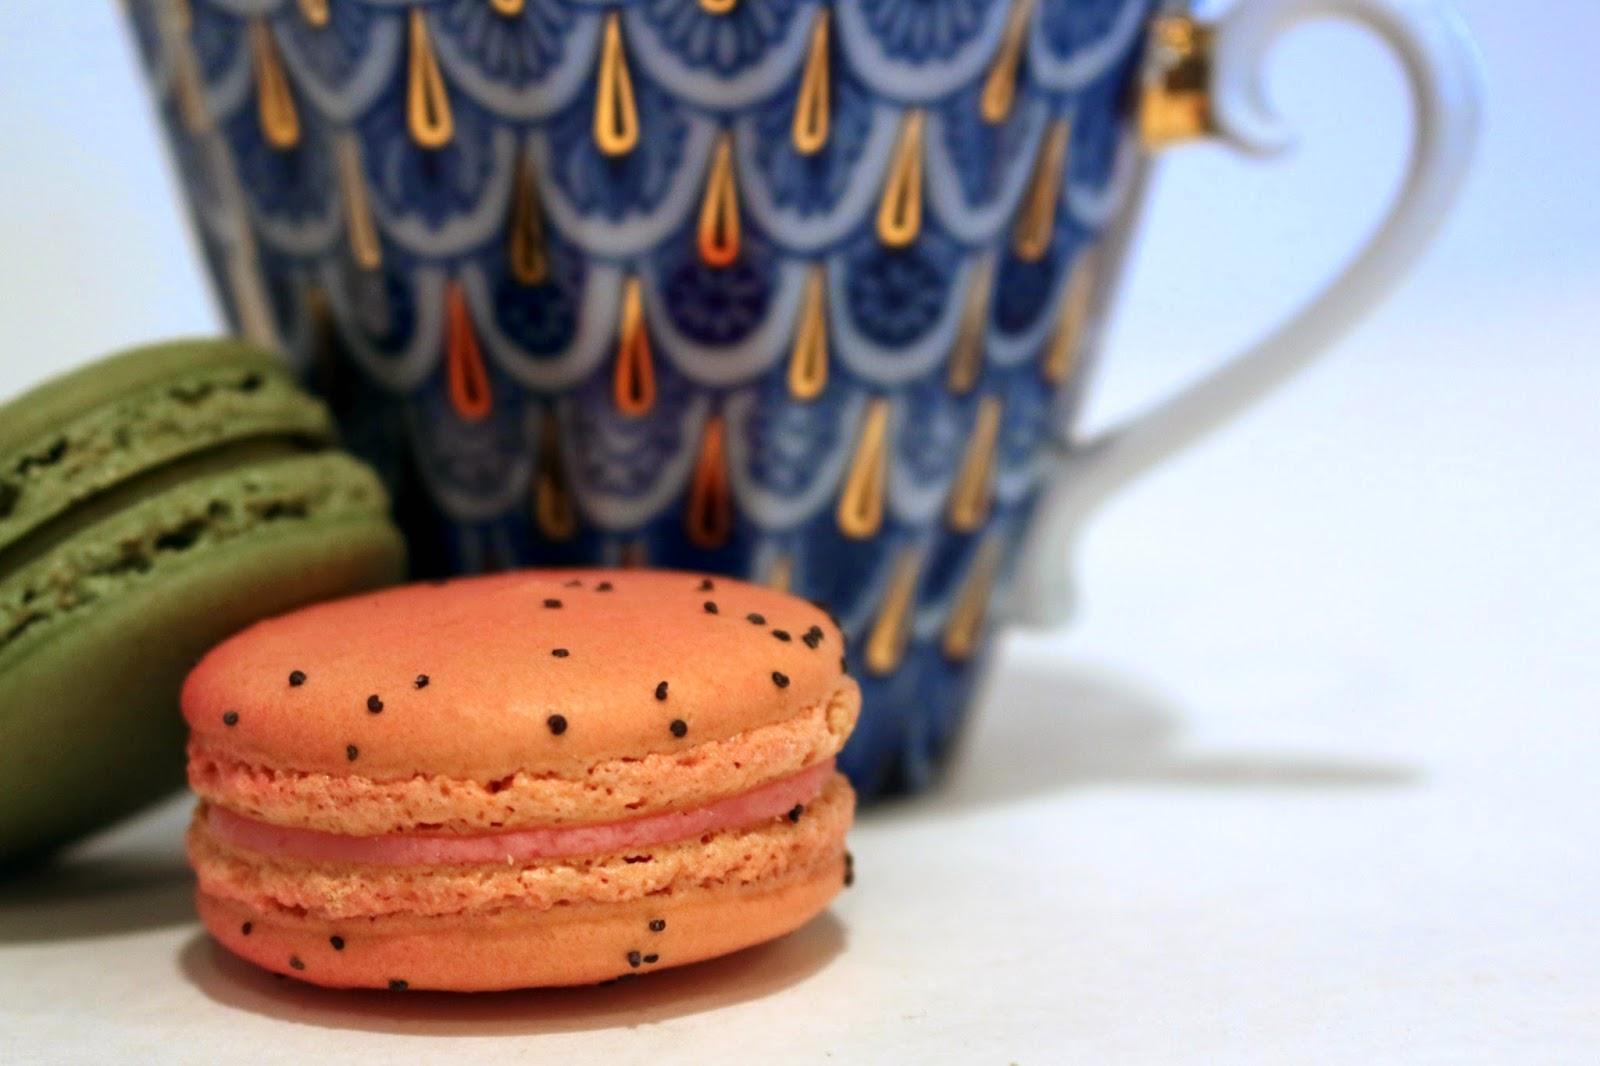 Fancy a Cup of Tea?